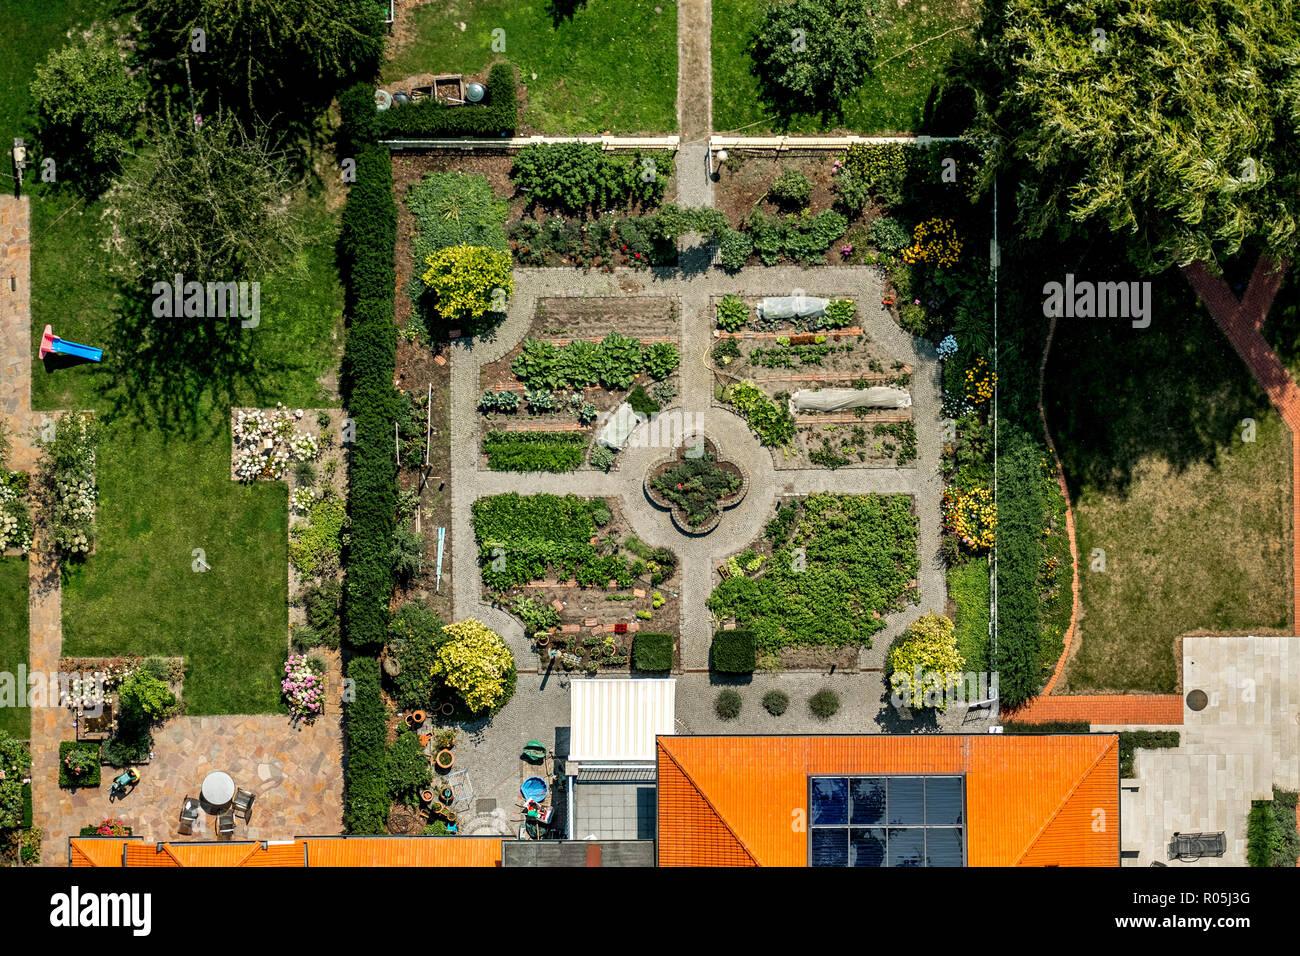 Luftbild, Garten eines altertümlichen Bauerngehöfs, Ameke, Drensteinfurt, Münsterland, Nordrhein-Westfalen, Deutschland, Europa, DEU, birds-eyes view, - Stock Image